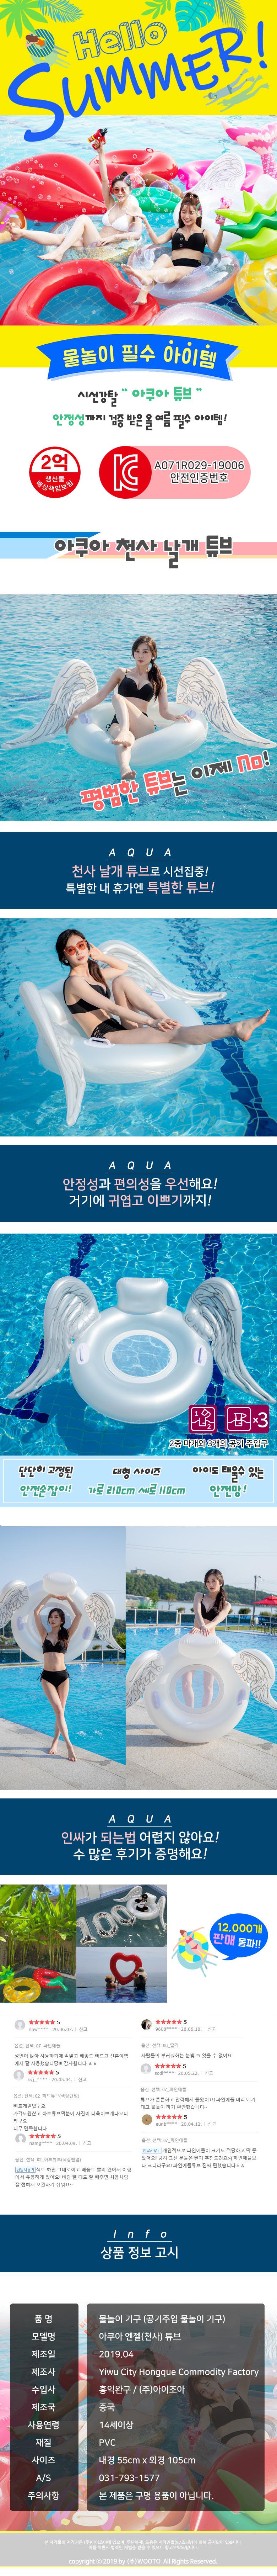 아쿠아 엔젤 천사 원형튜브 - 우토, 13,900원, 튜브/구명조끼, 튜브